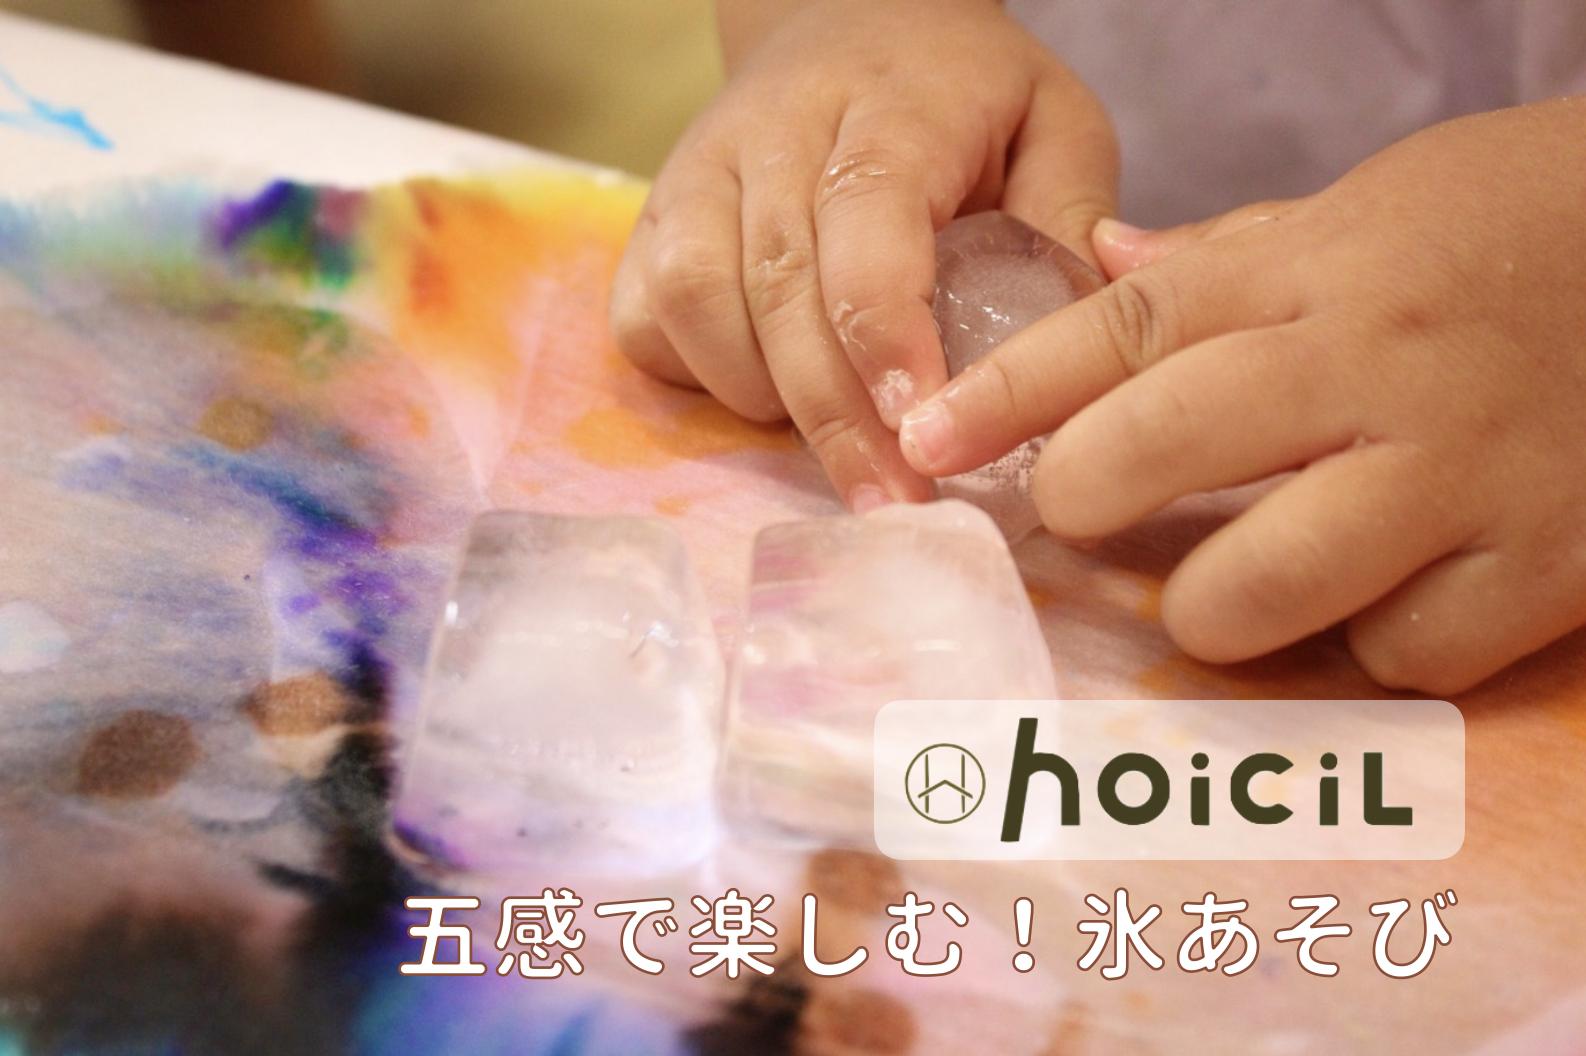 『ホイシル』で「氷あそび」記事 公開中!